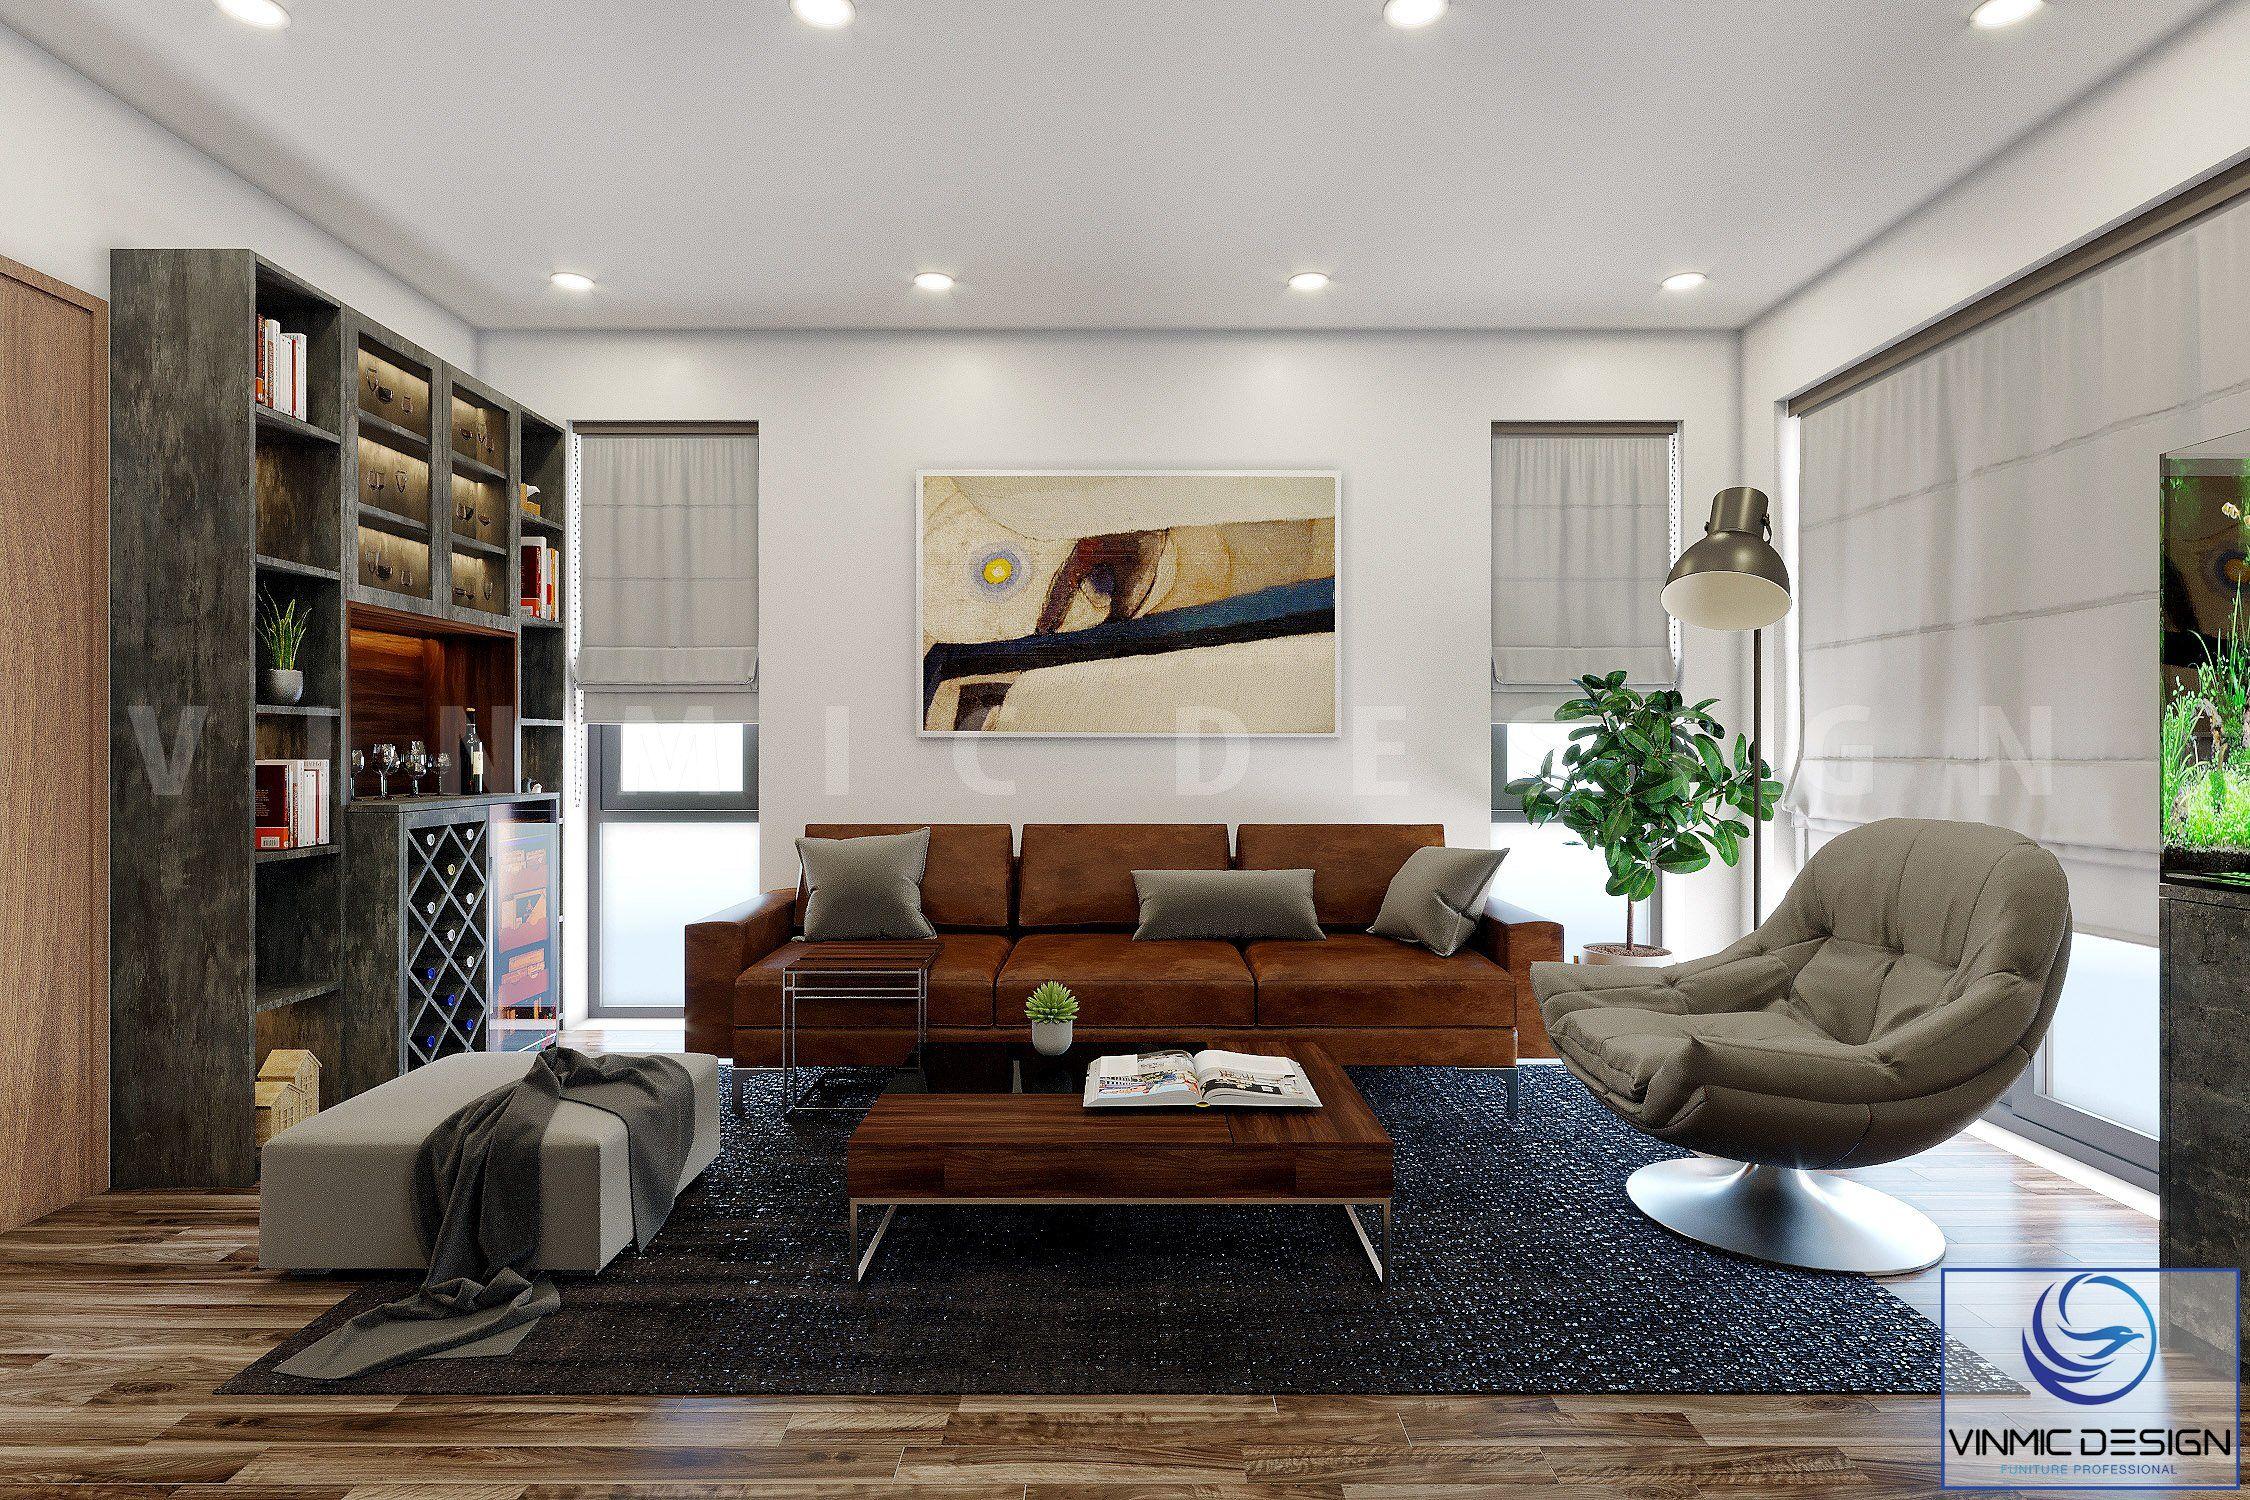 Thiết kế tủ rượu nổi bật nên không gian căn phòng này